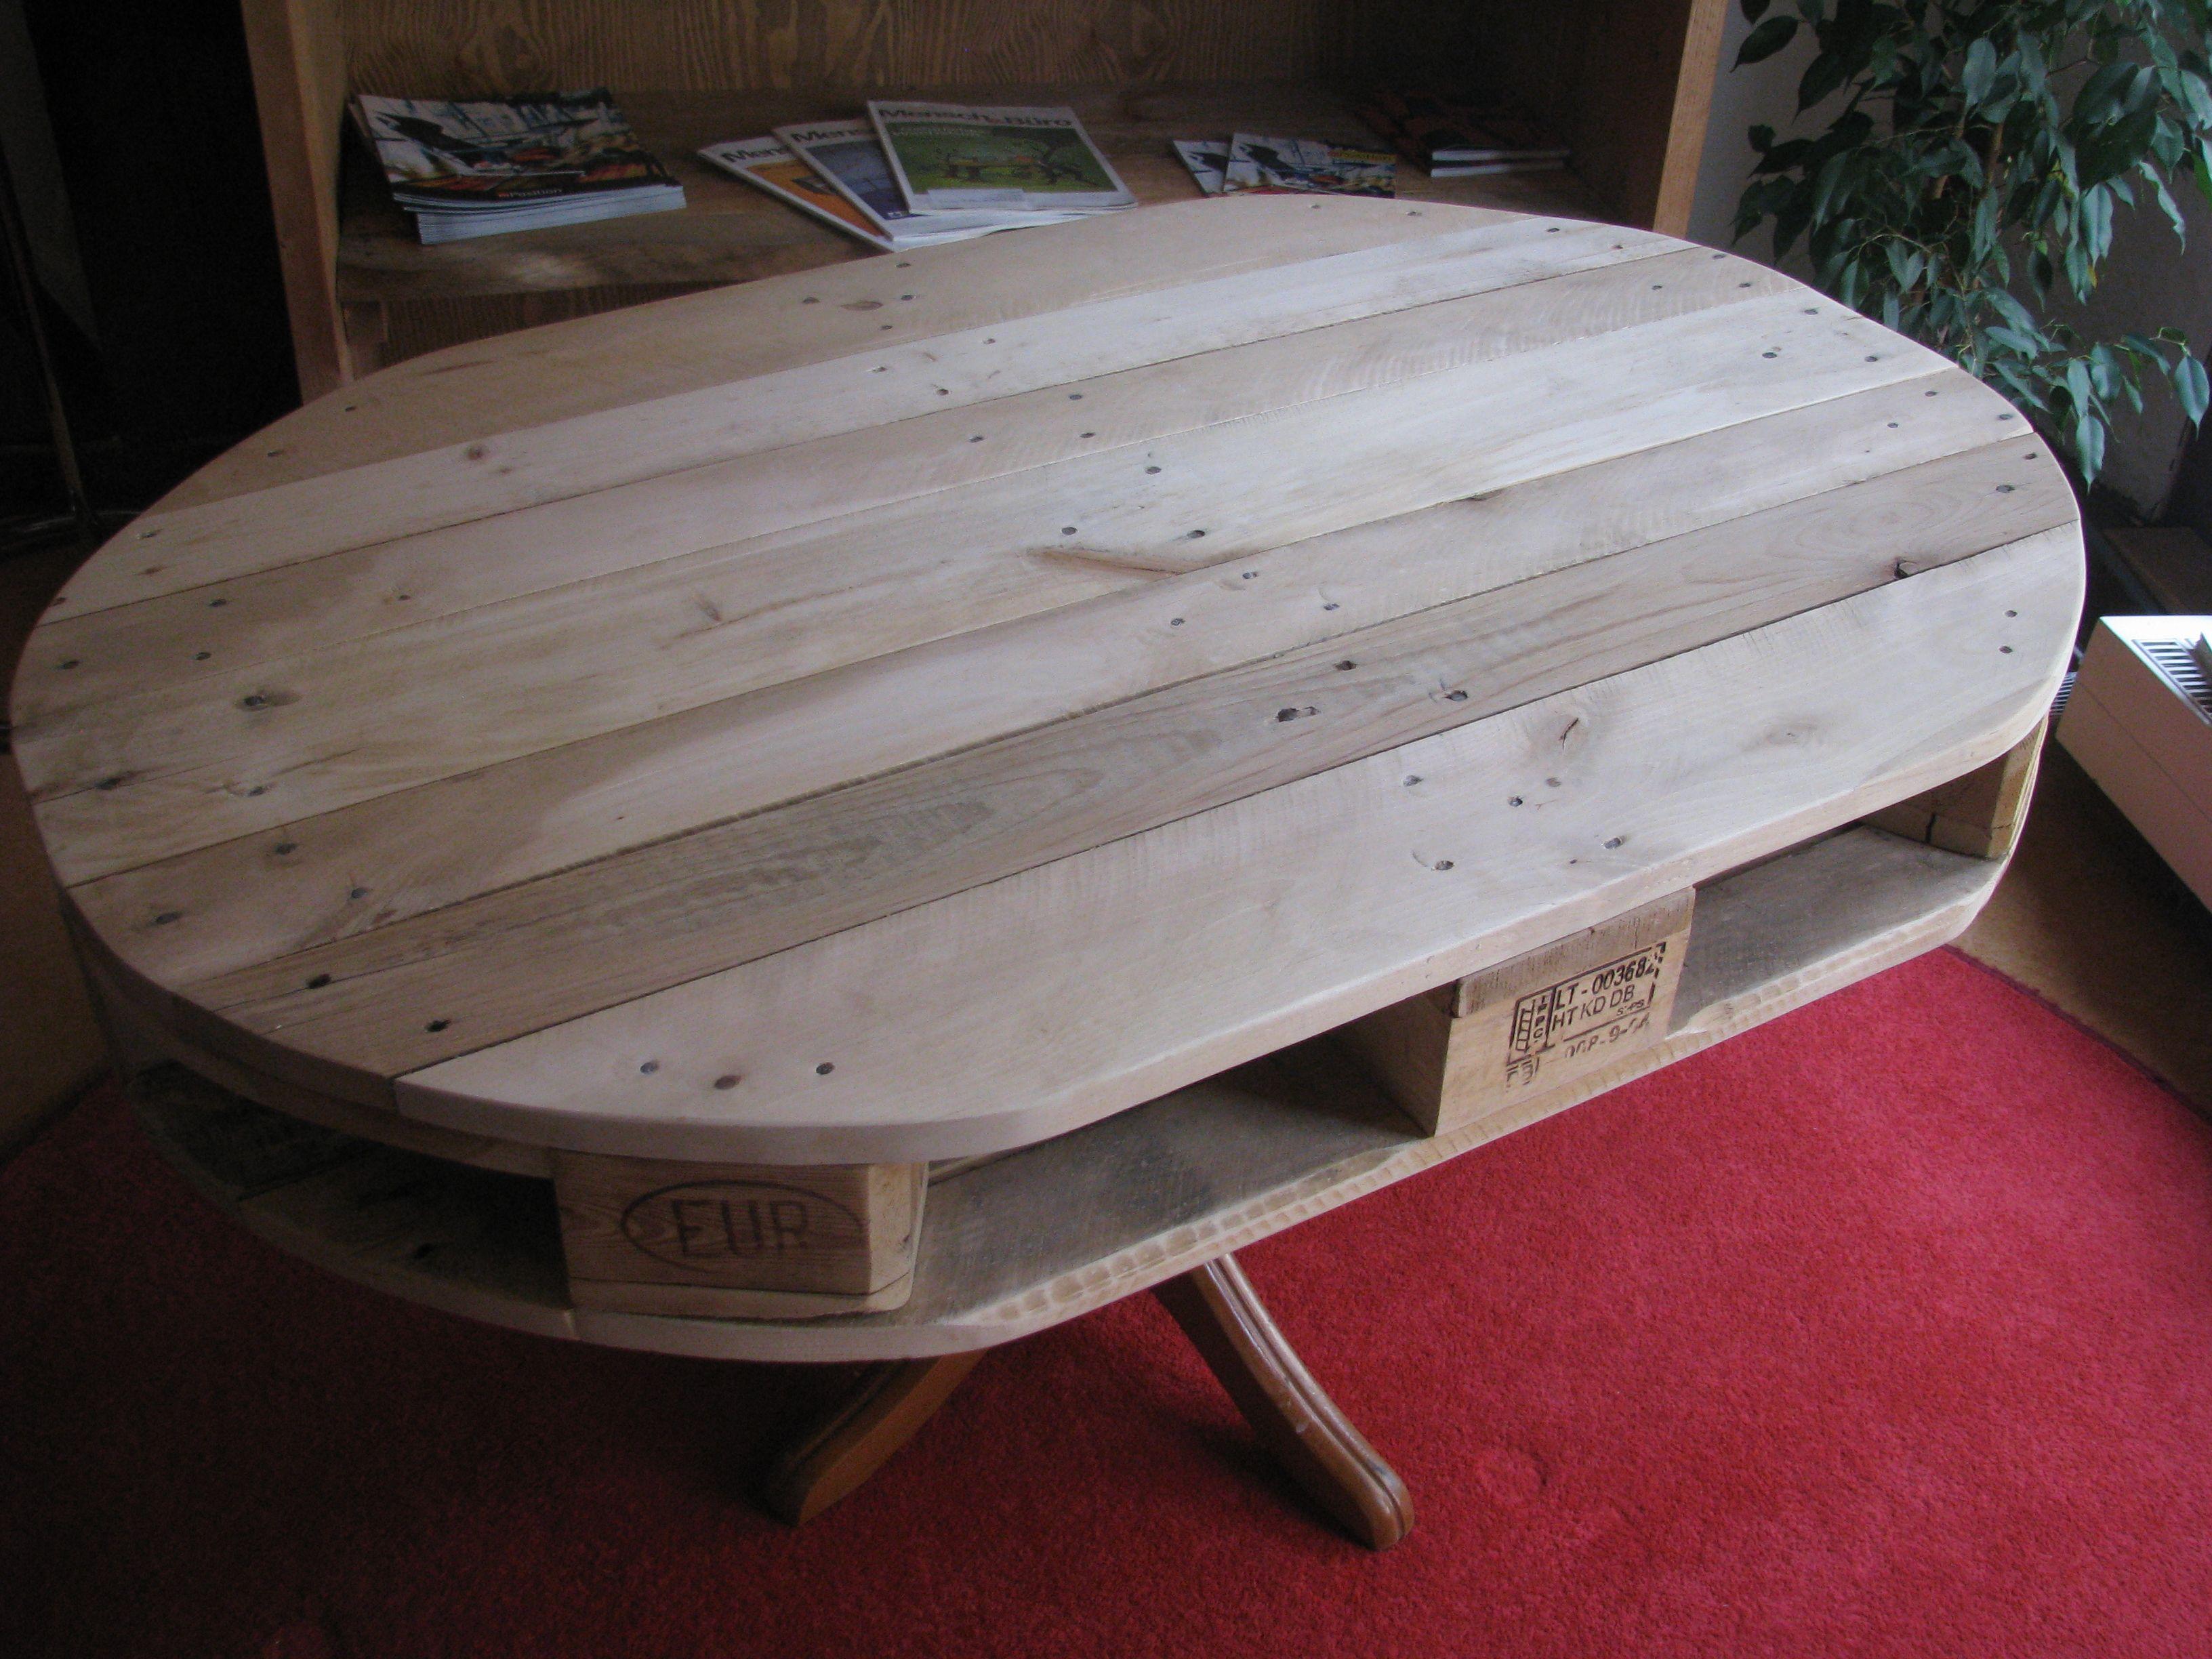 ovaler tisch aus einer alten europalette und einem alten tischbein erfurt reuse palles. Black Bedroom Furniture Sets. Home Design Ideas